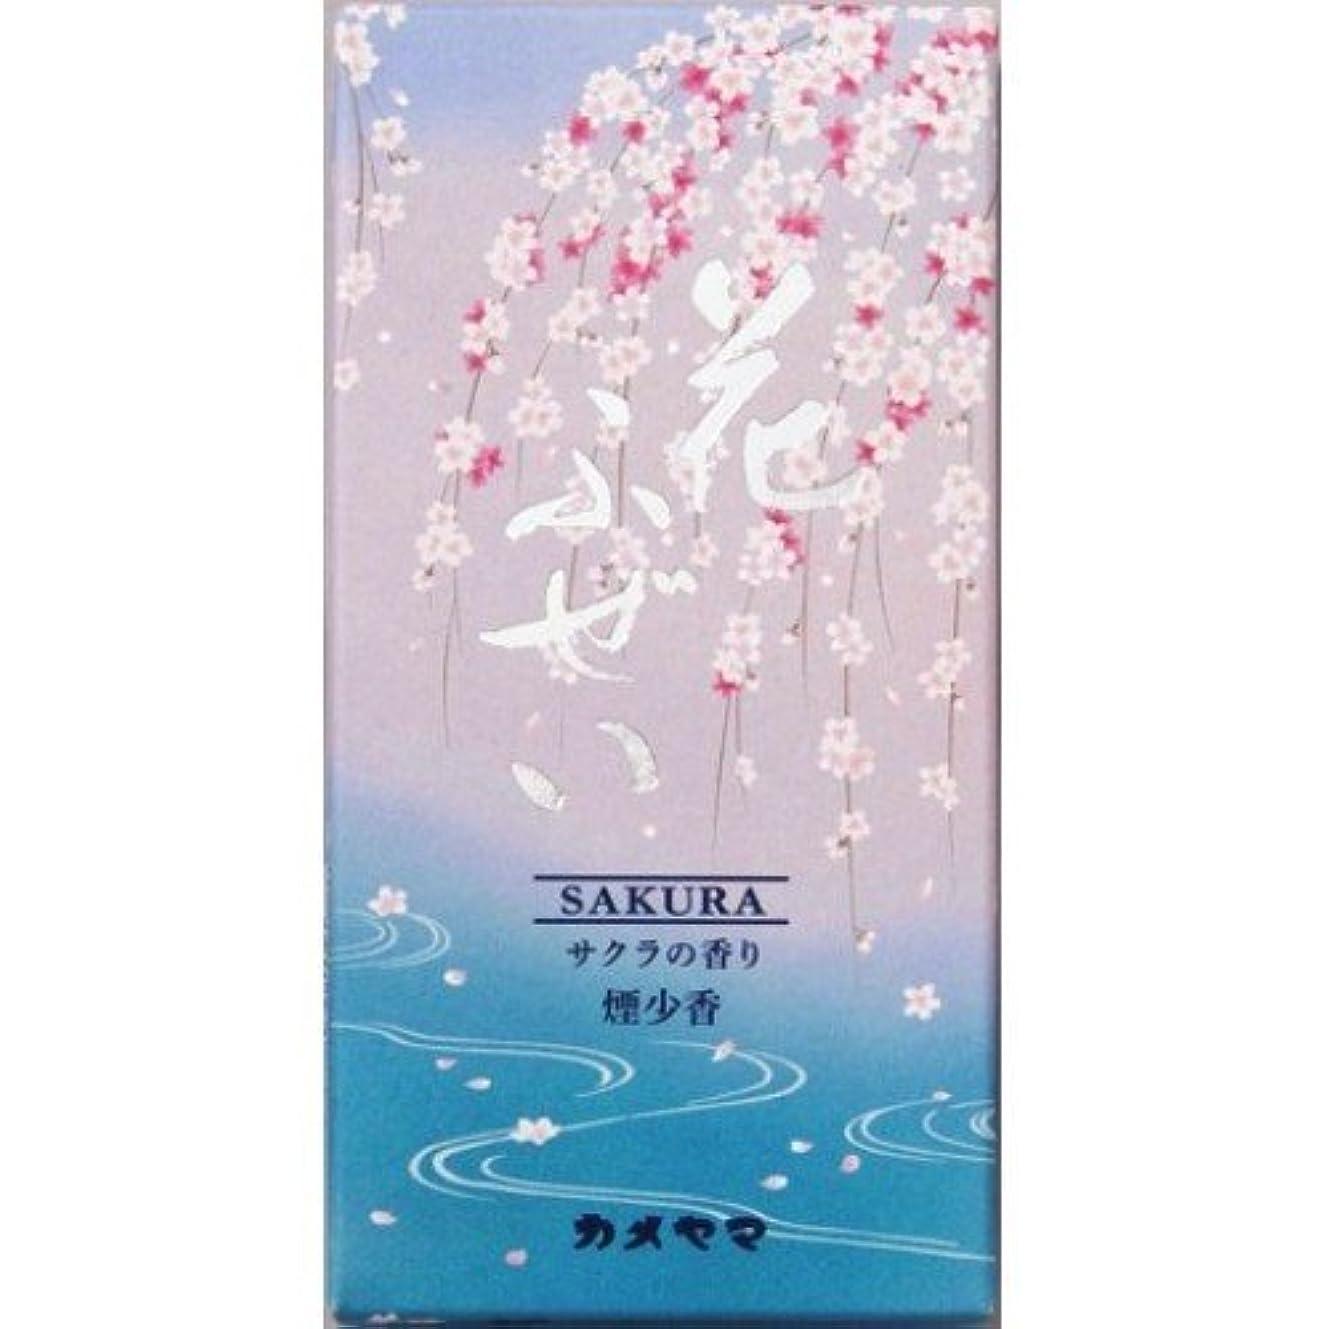 前述の再生娯楽花ふぜい 桜 煙少香 約100g